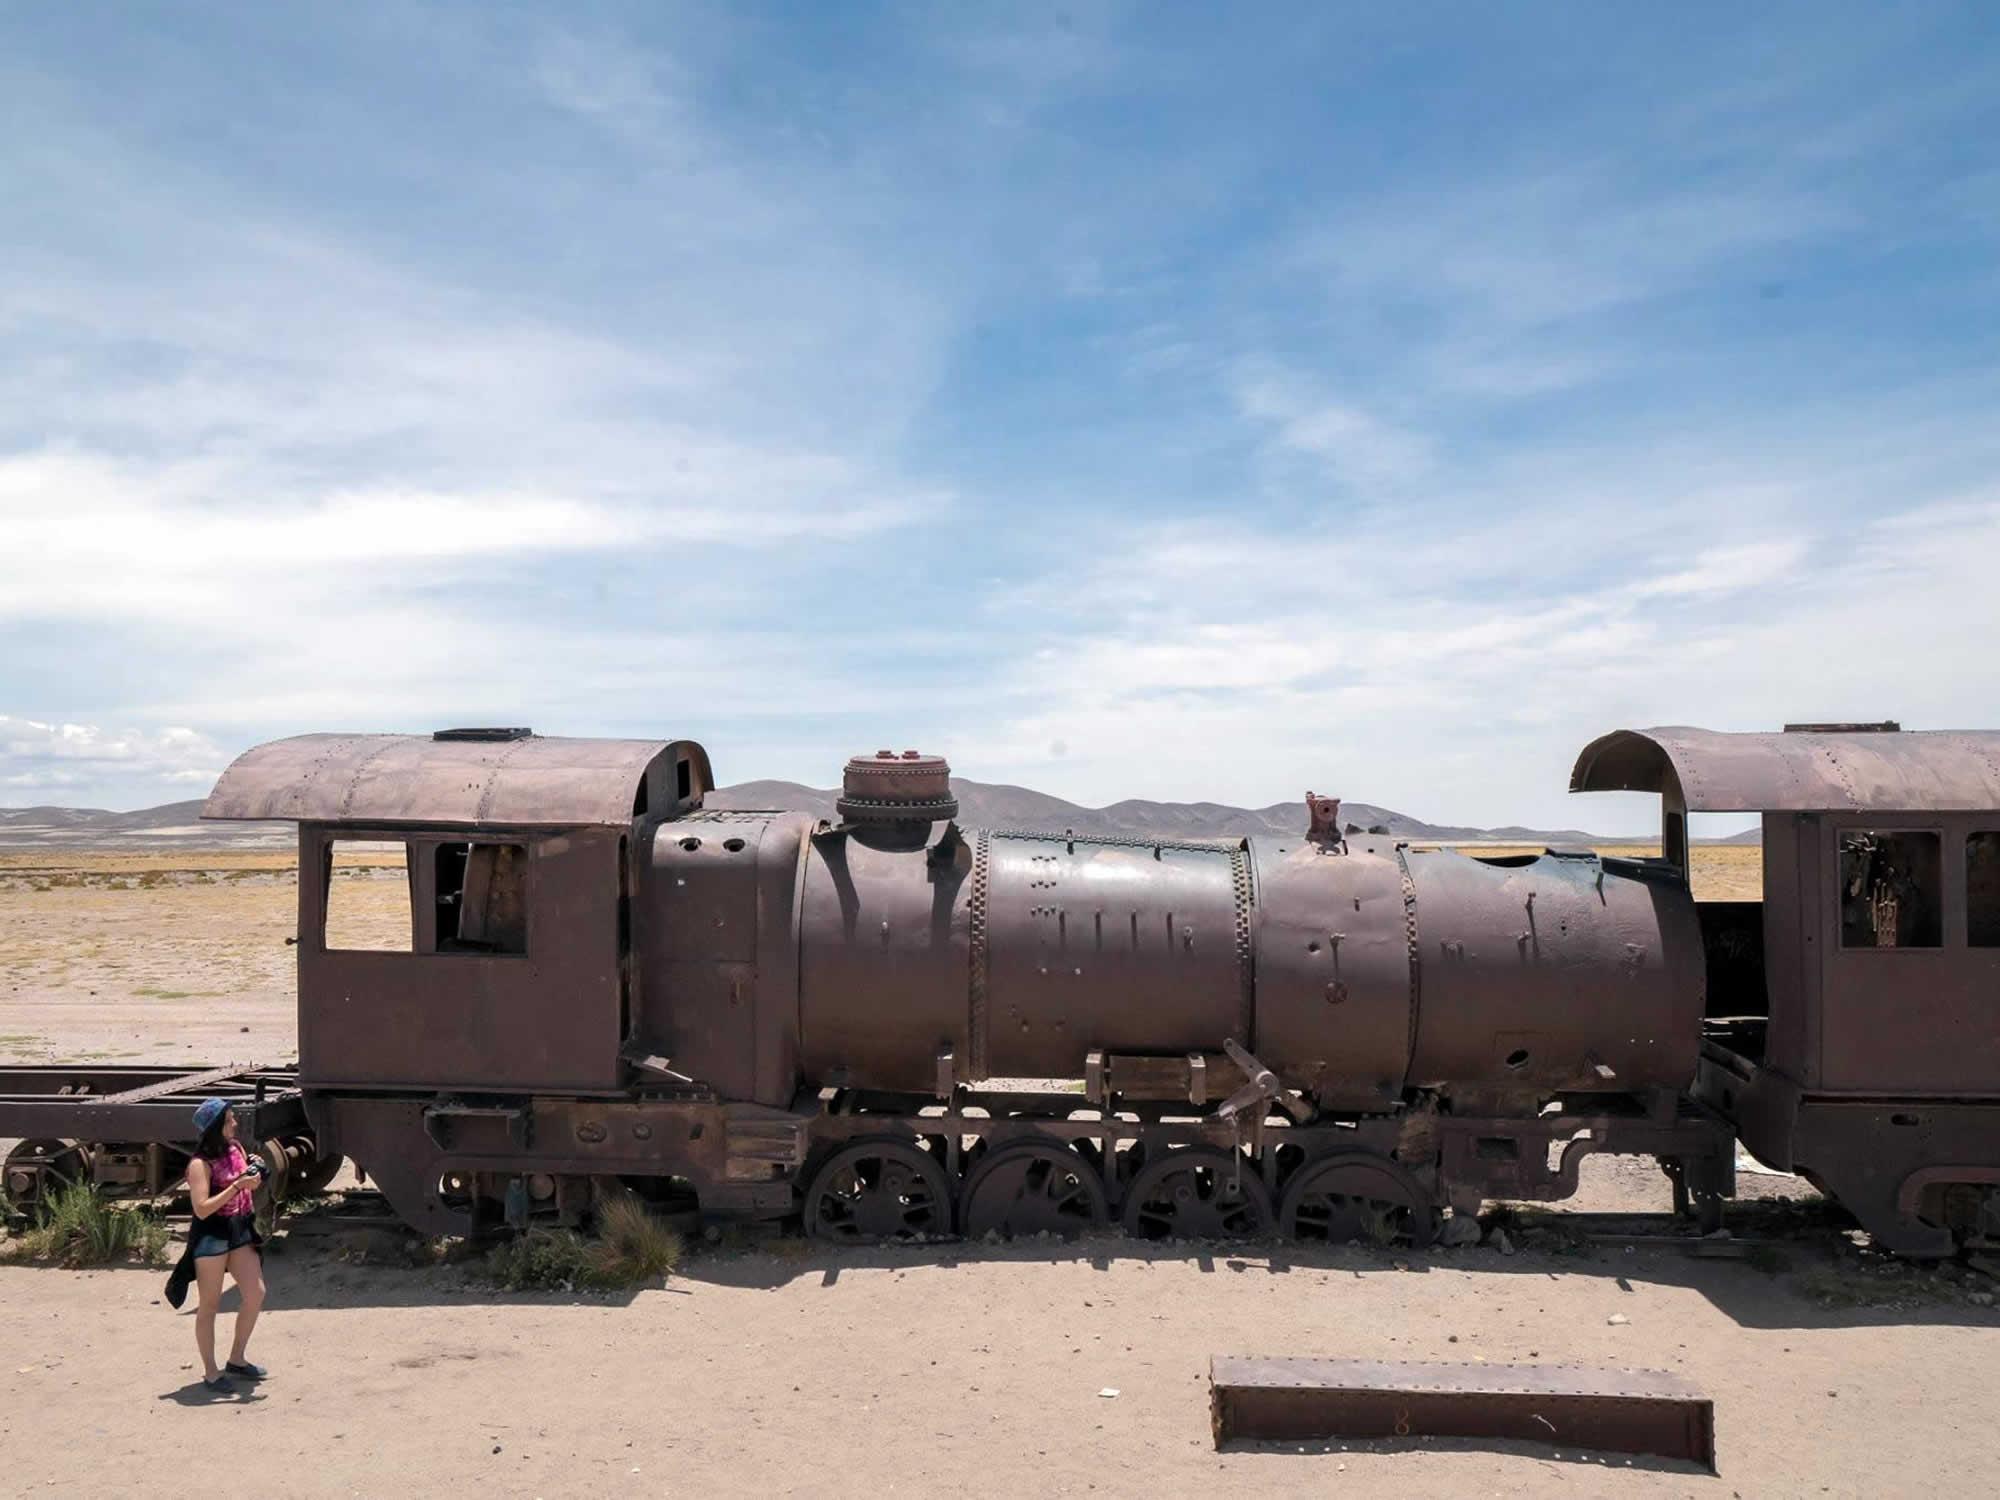 Cementerio de Trenes - Train Graveyard